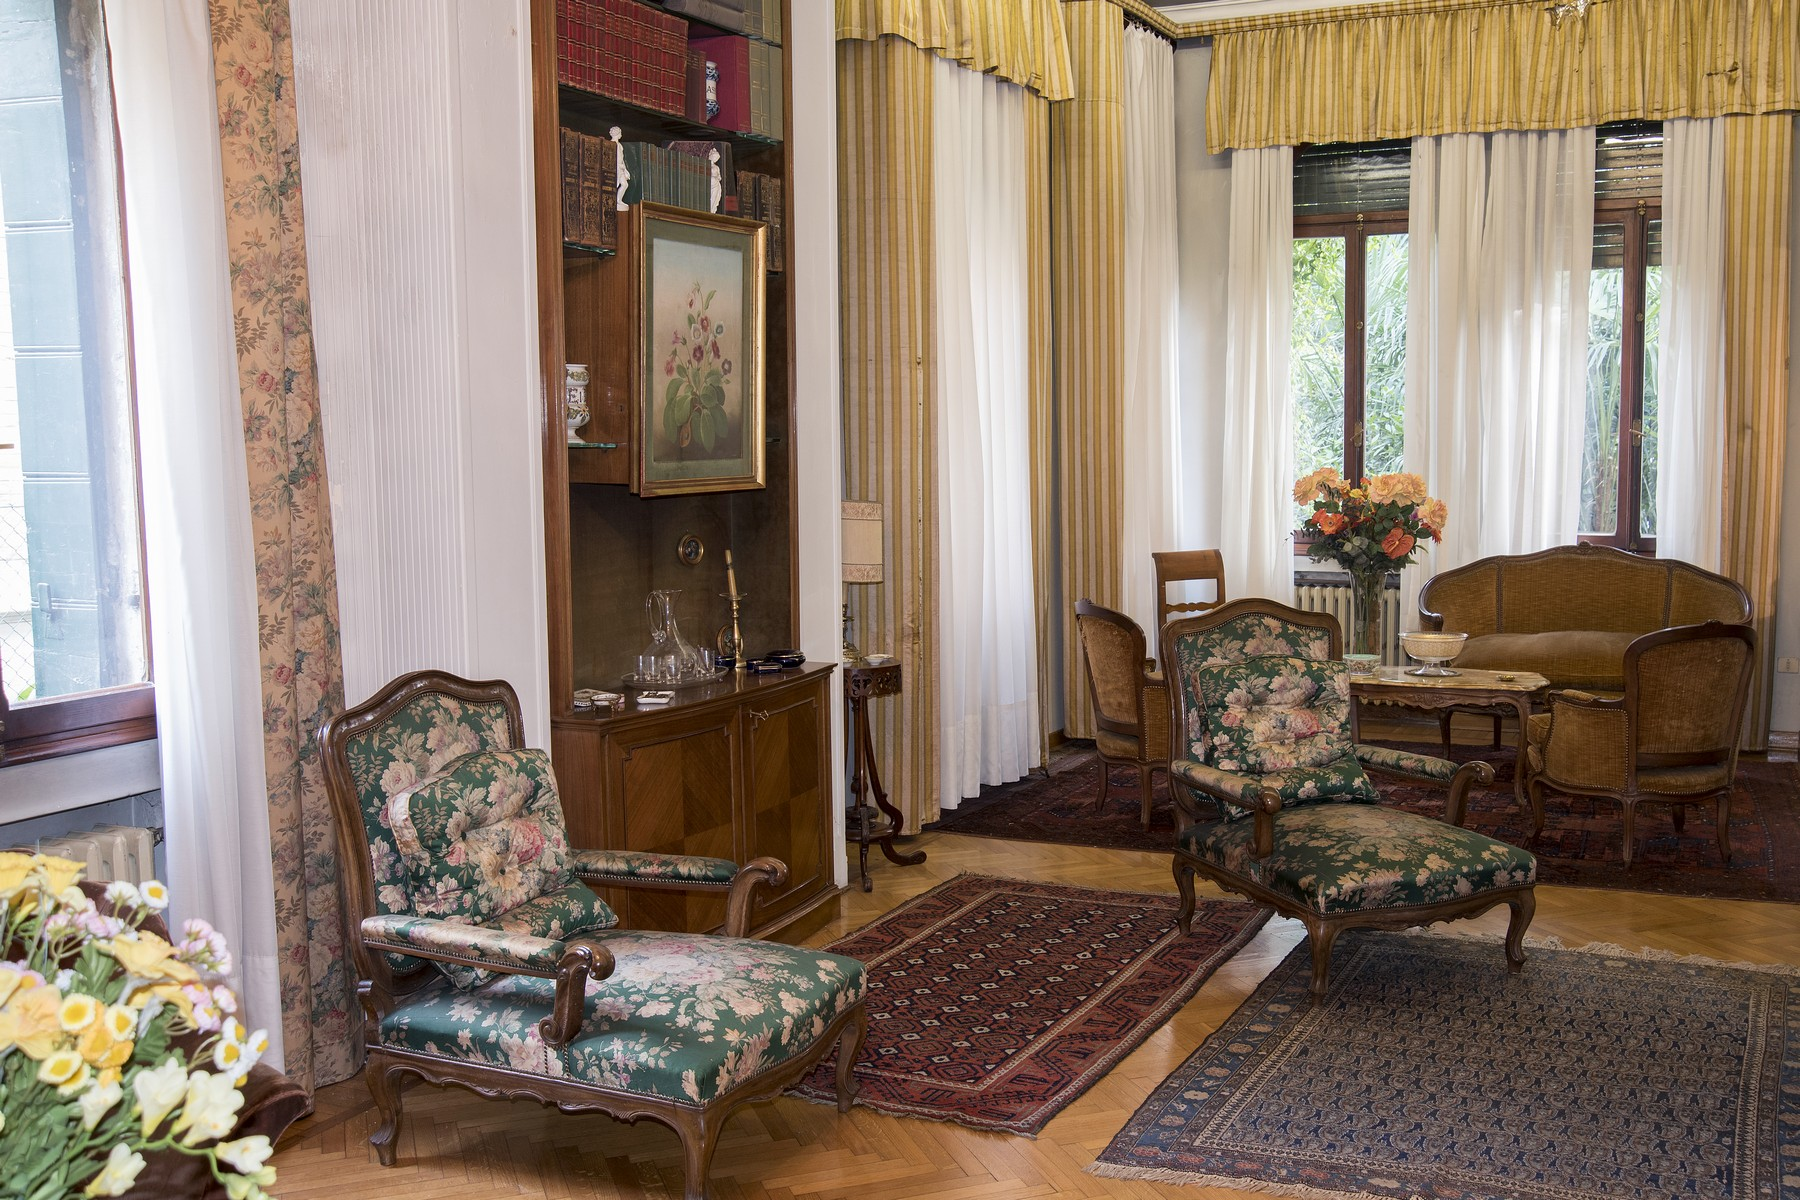 Villa in Vendita a Treviso: 5 locali, 460 mq - Foto 14